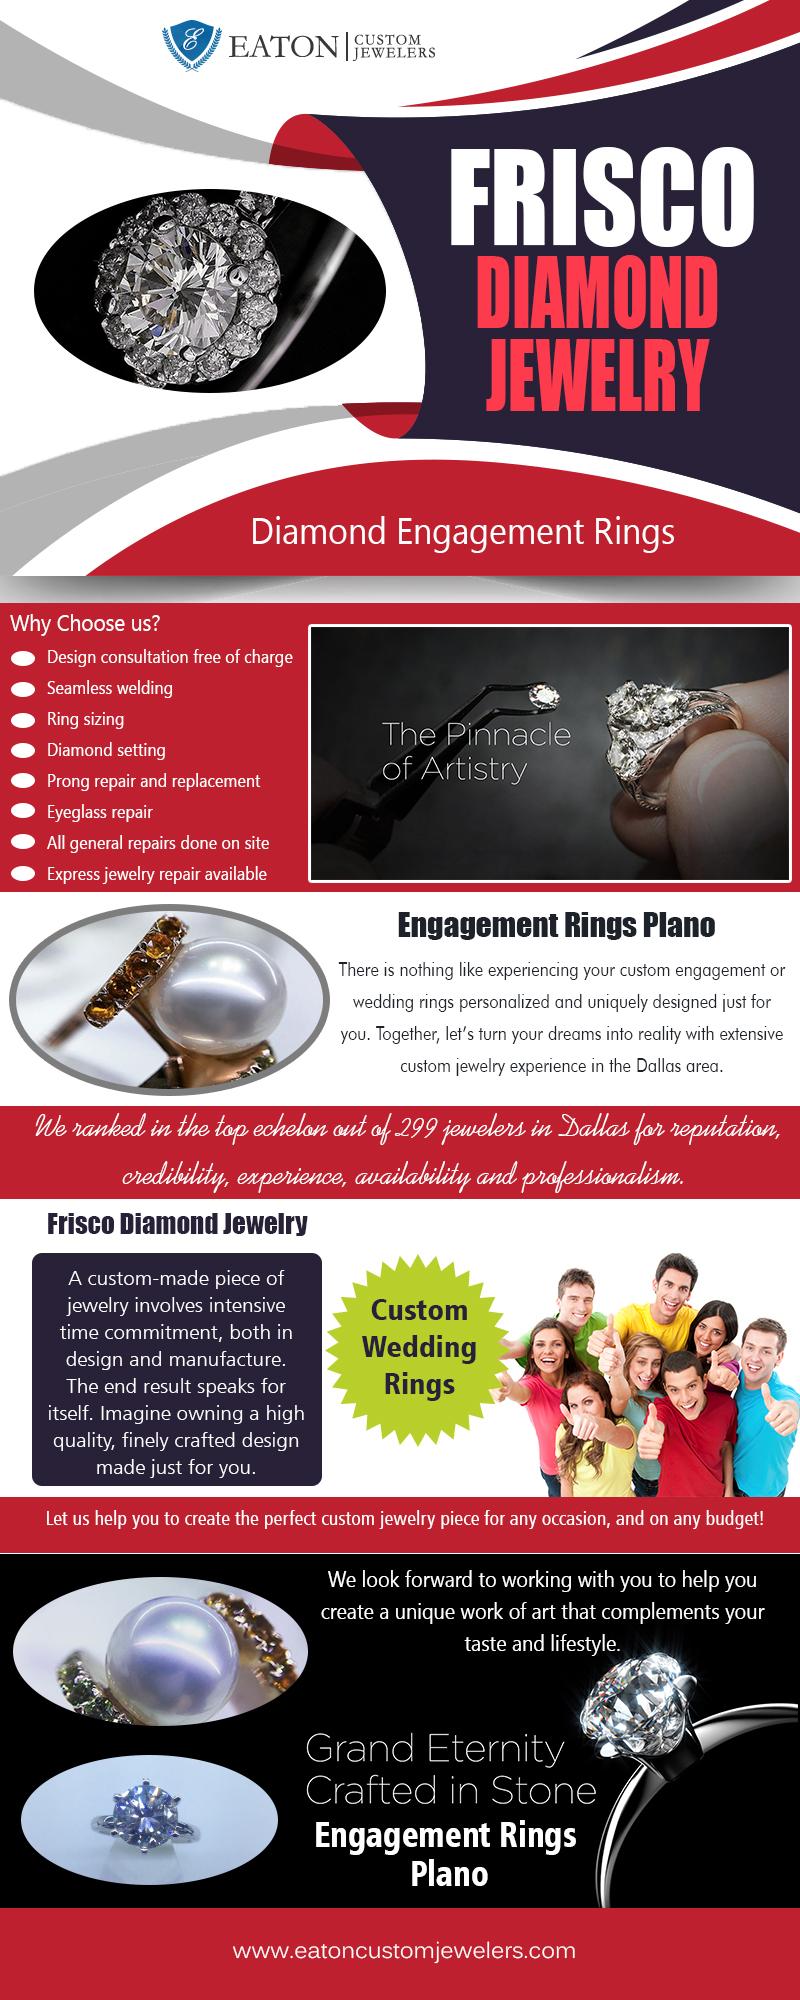 Frisco Diamond Jewelry | 972 335 6500 | eatoncustomjewelers.com